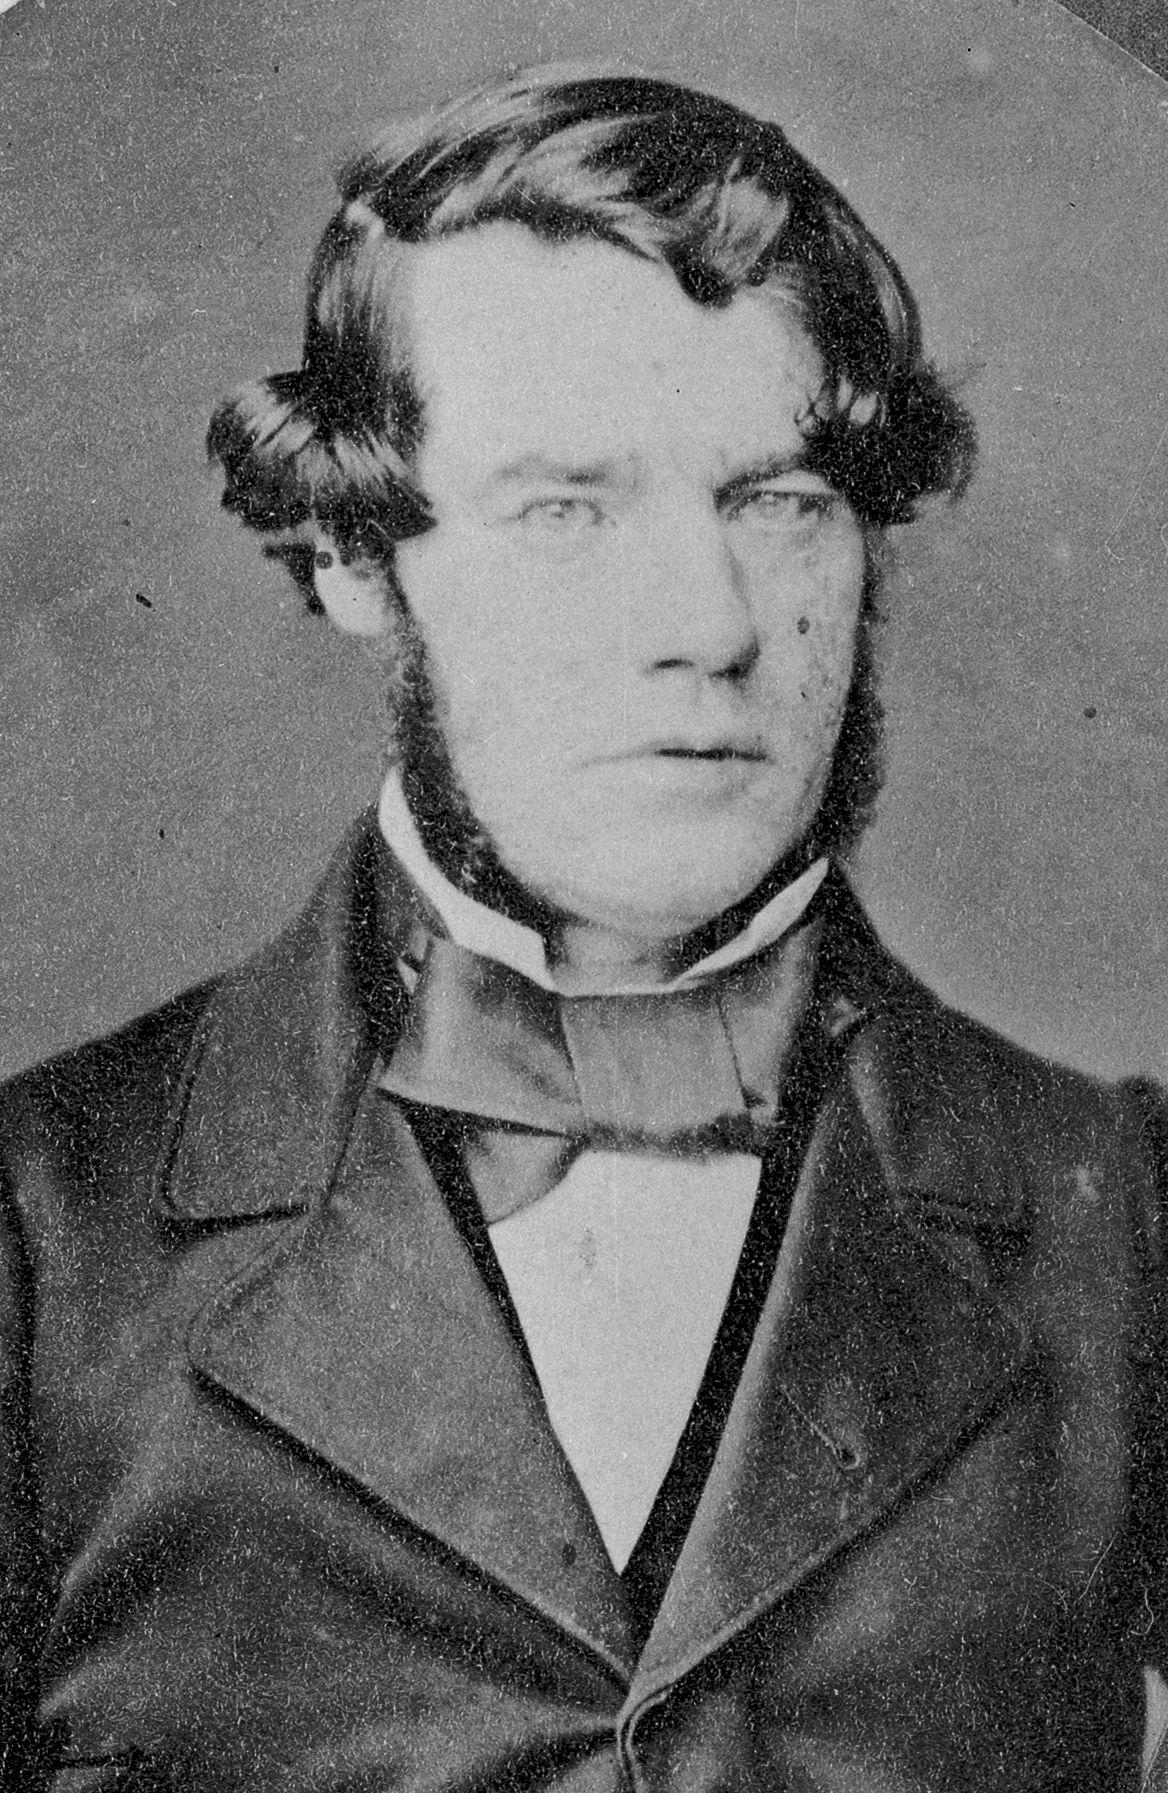 John Williamson politician